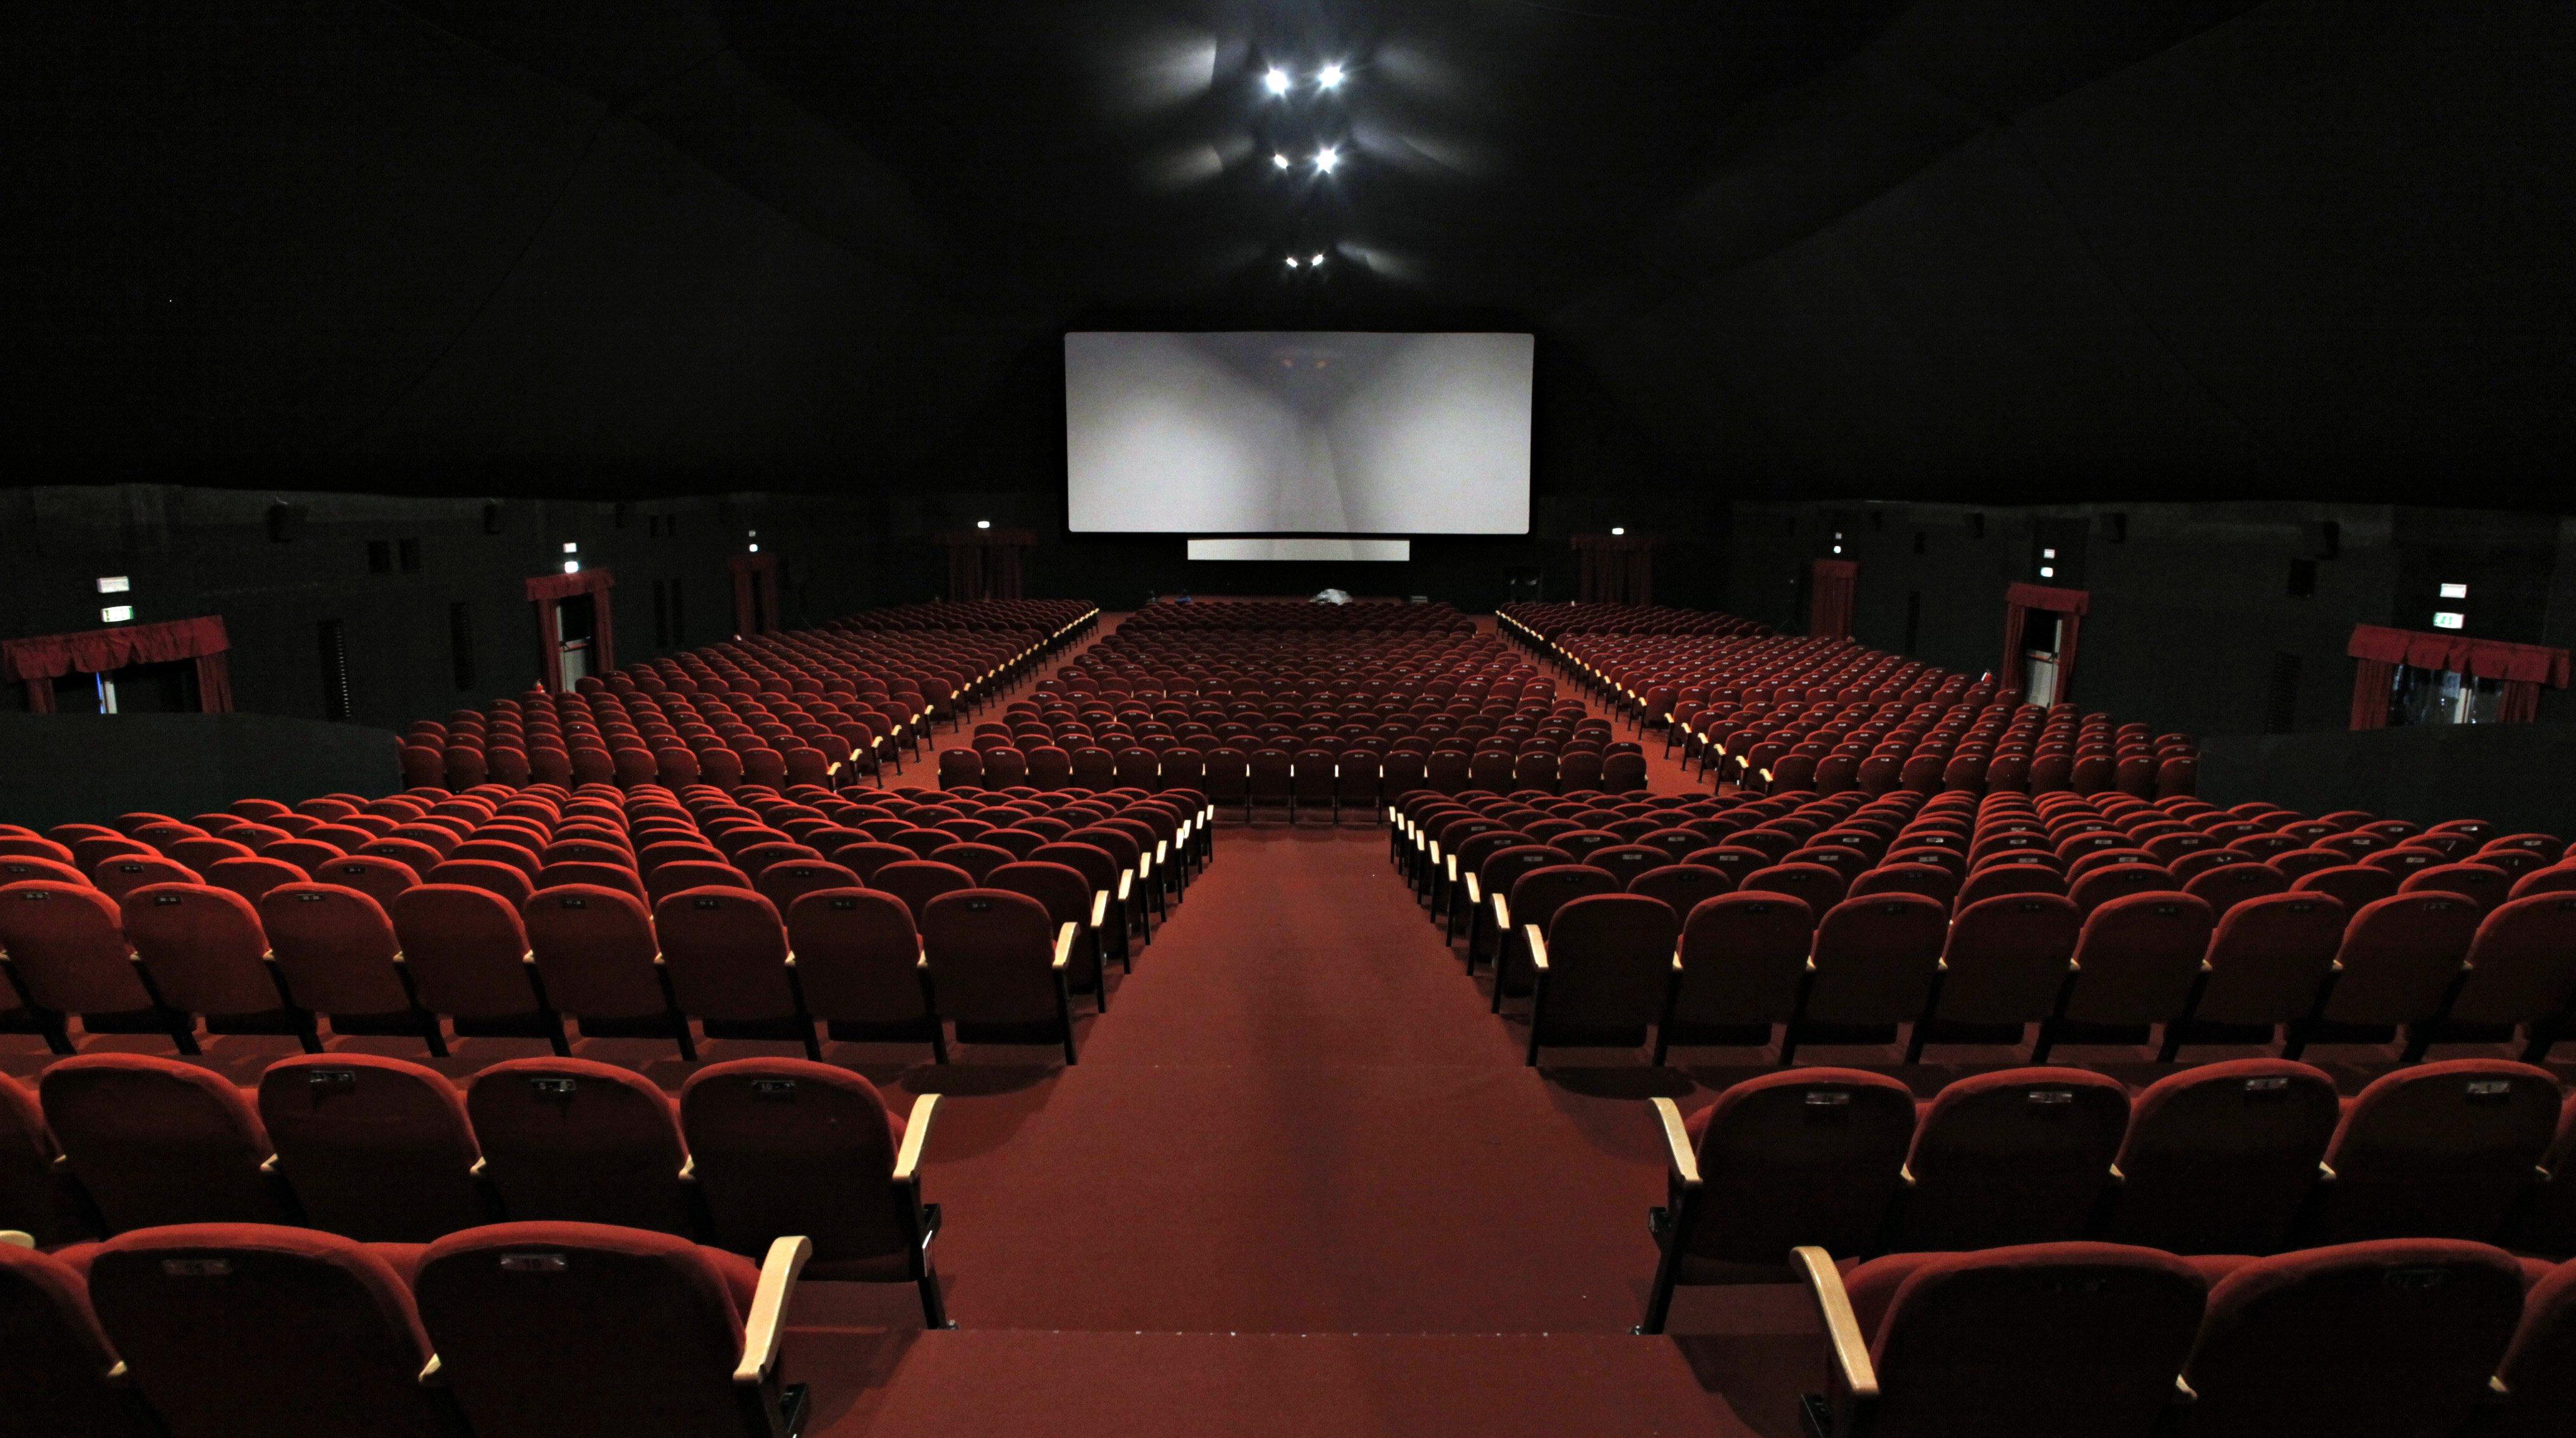 http://shbabbek.com/upload/سينما في السعودية.. المملكة تسمح بدور عرض لأول مرة في تاريخها